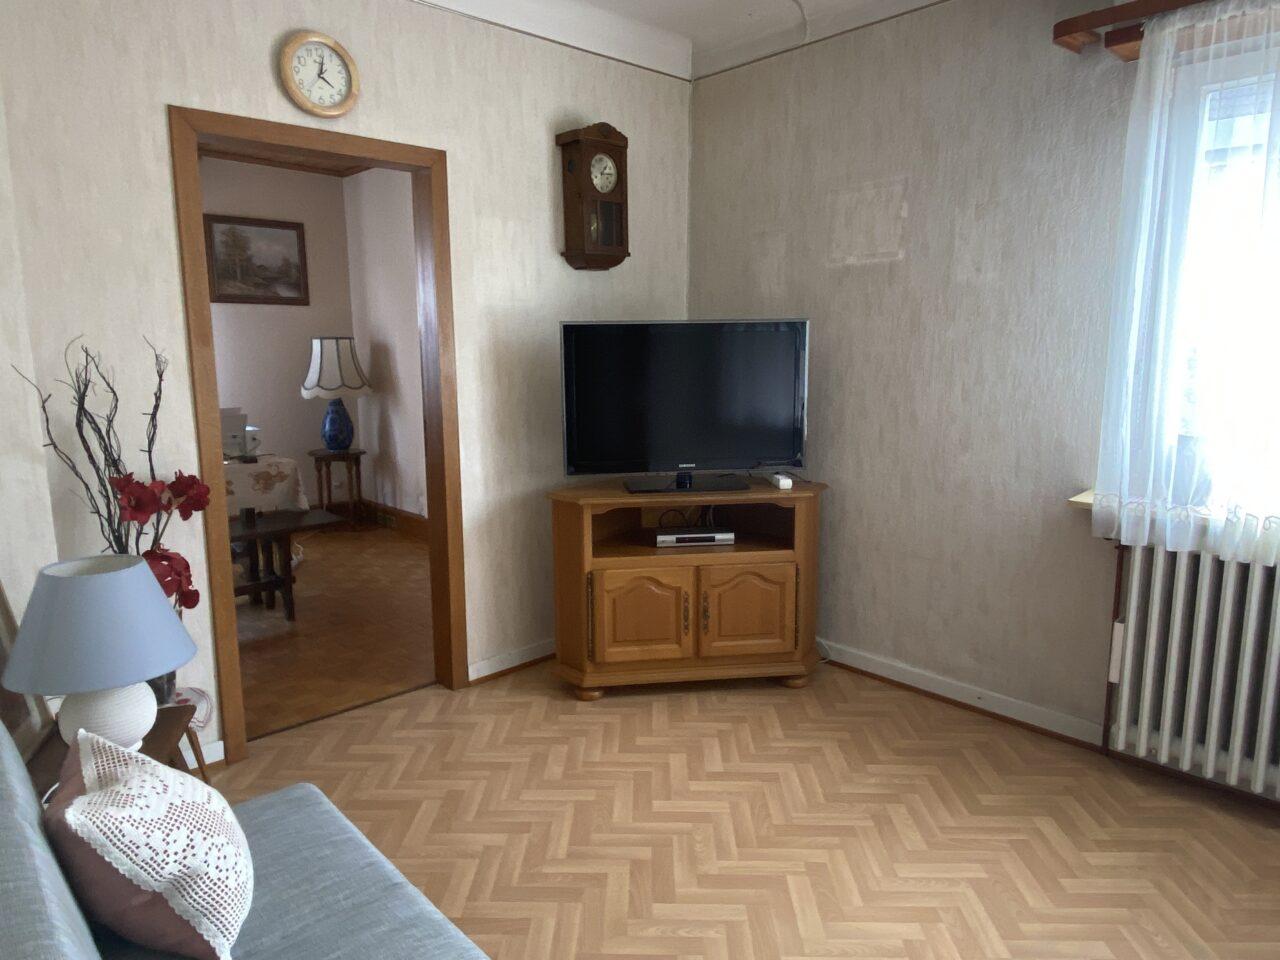 Haguenau, quartier calme, maison 100m2, dépendance, garage sur 4,4 ares. Vidéo disponible